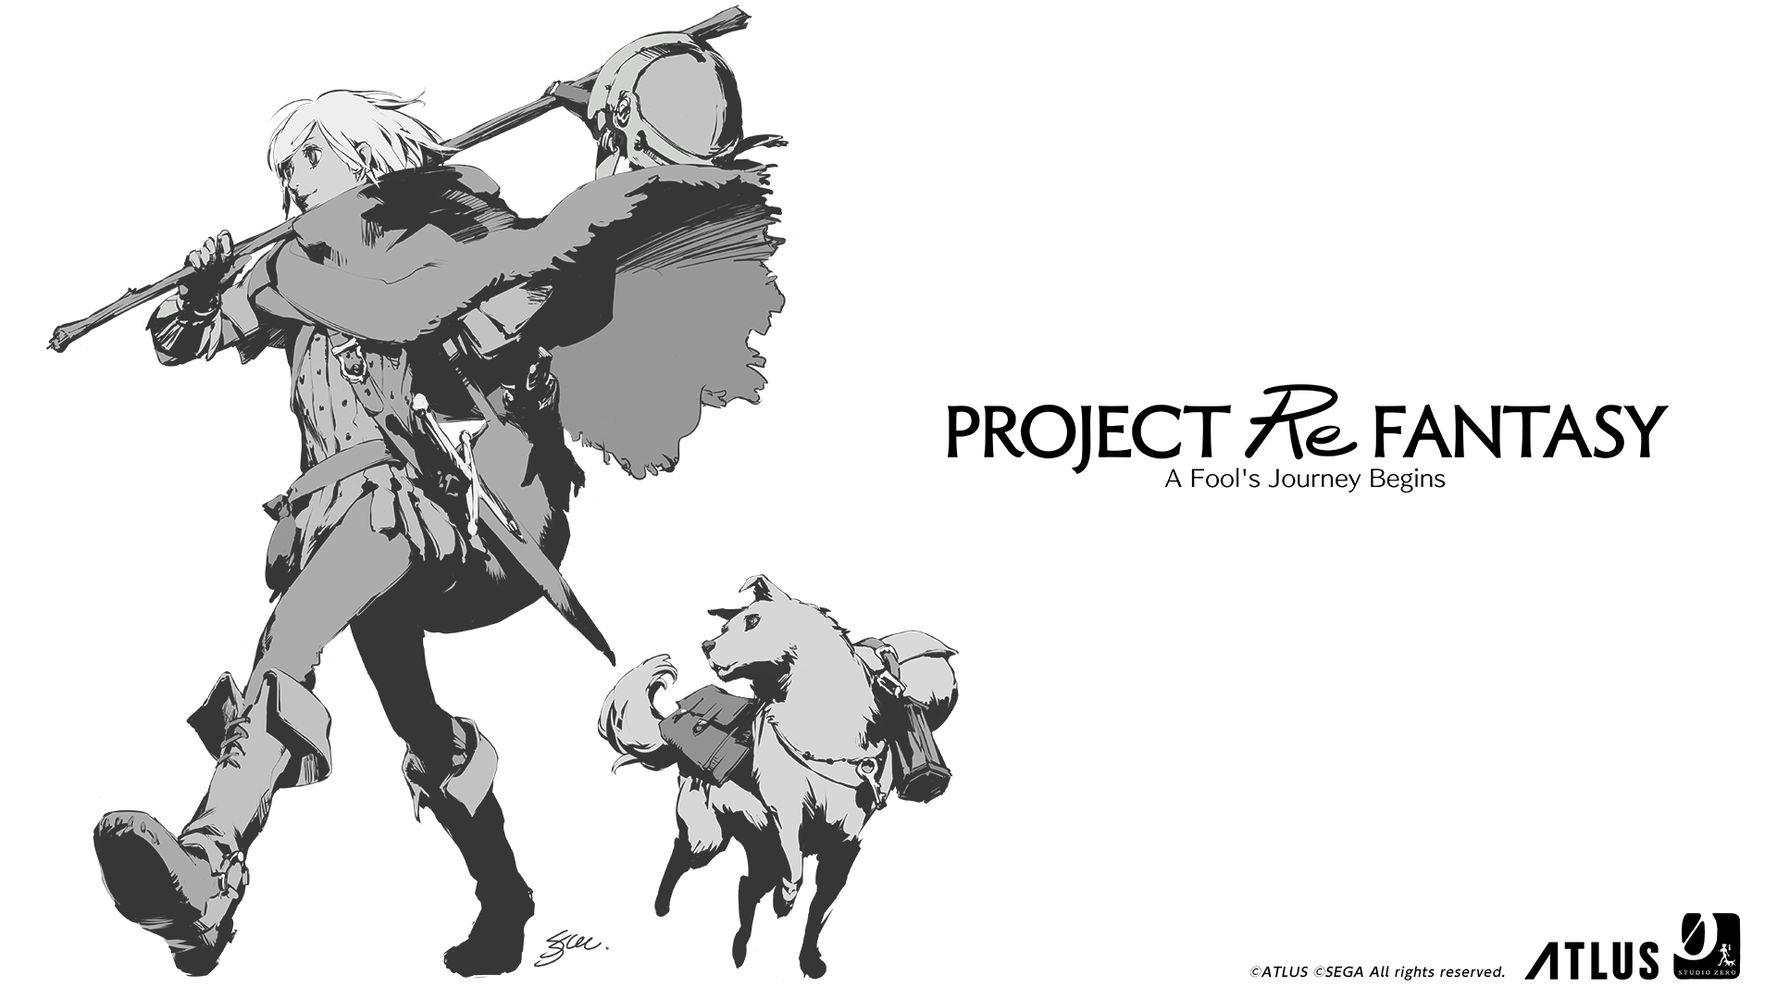 Atlus annuncerà un RPG fantasy totalmente nuovo il 23 dicembre